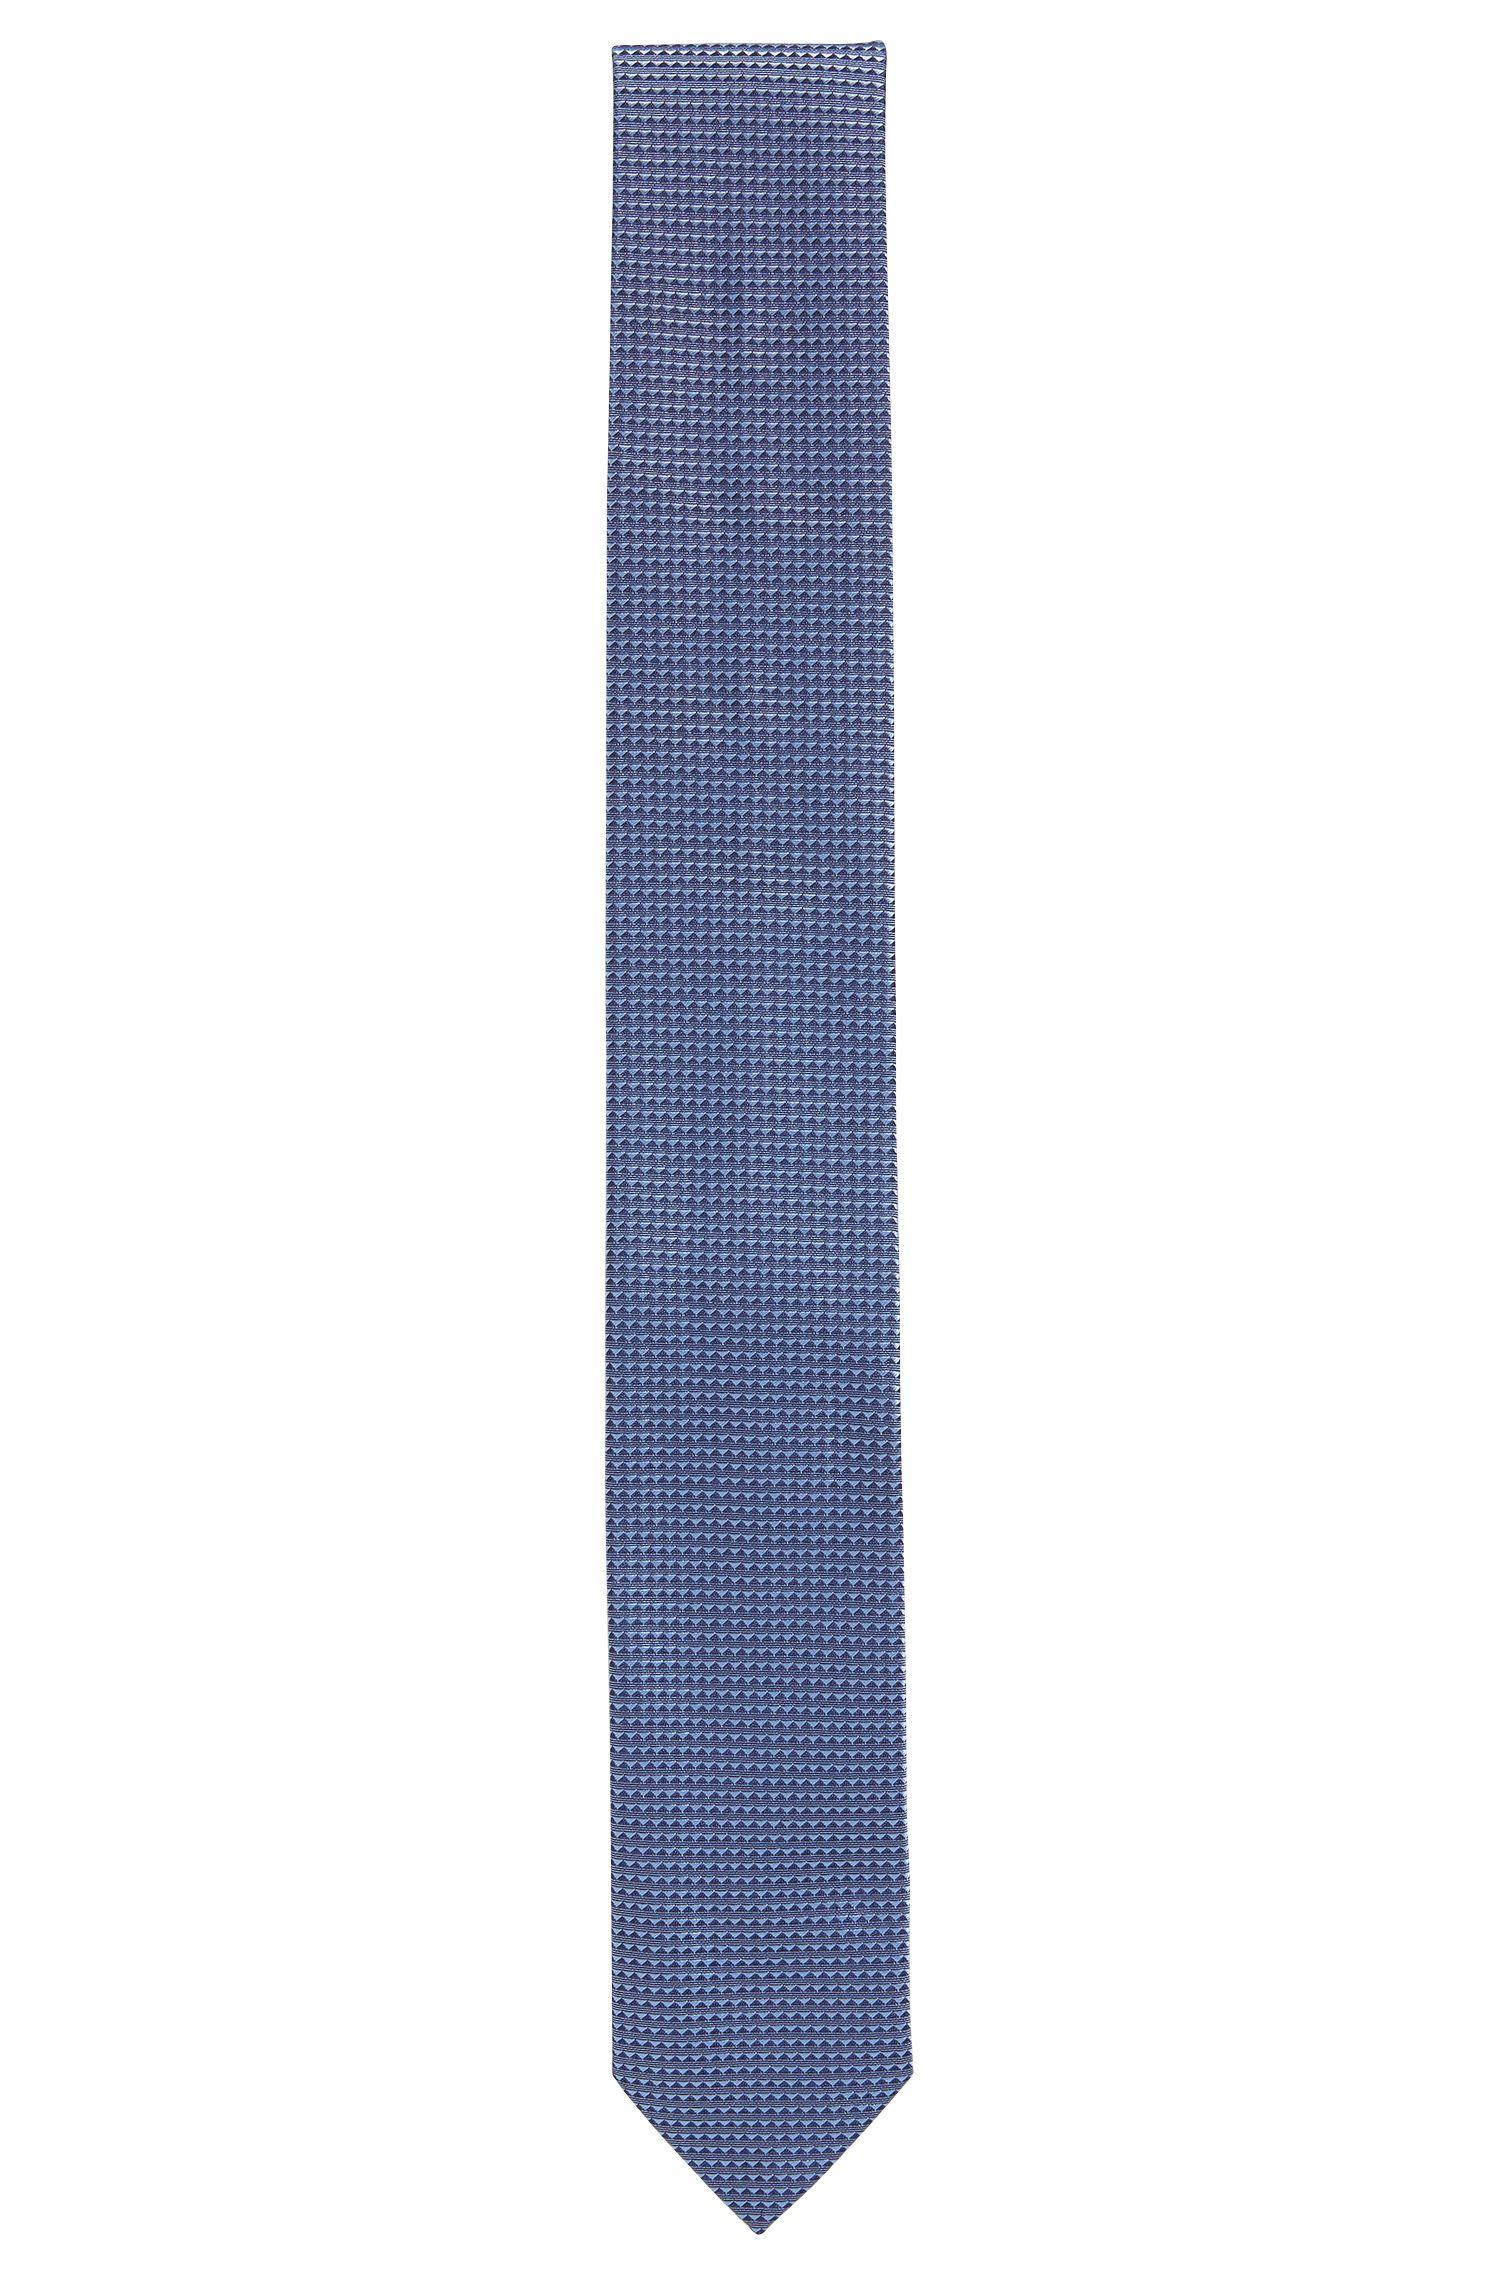 Cravatta in pura seta jacquard con microdisegni